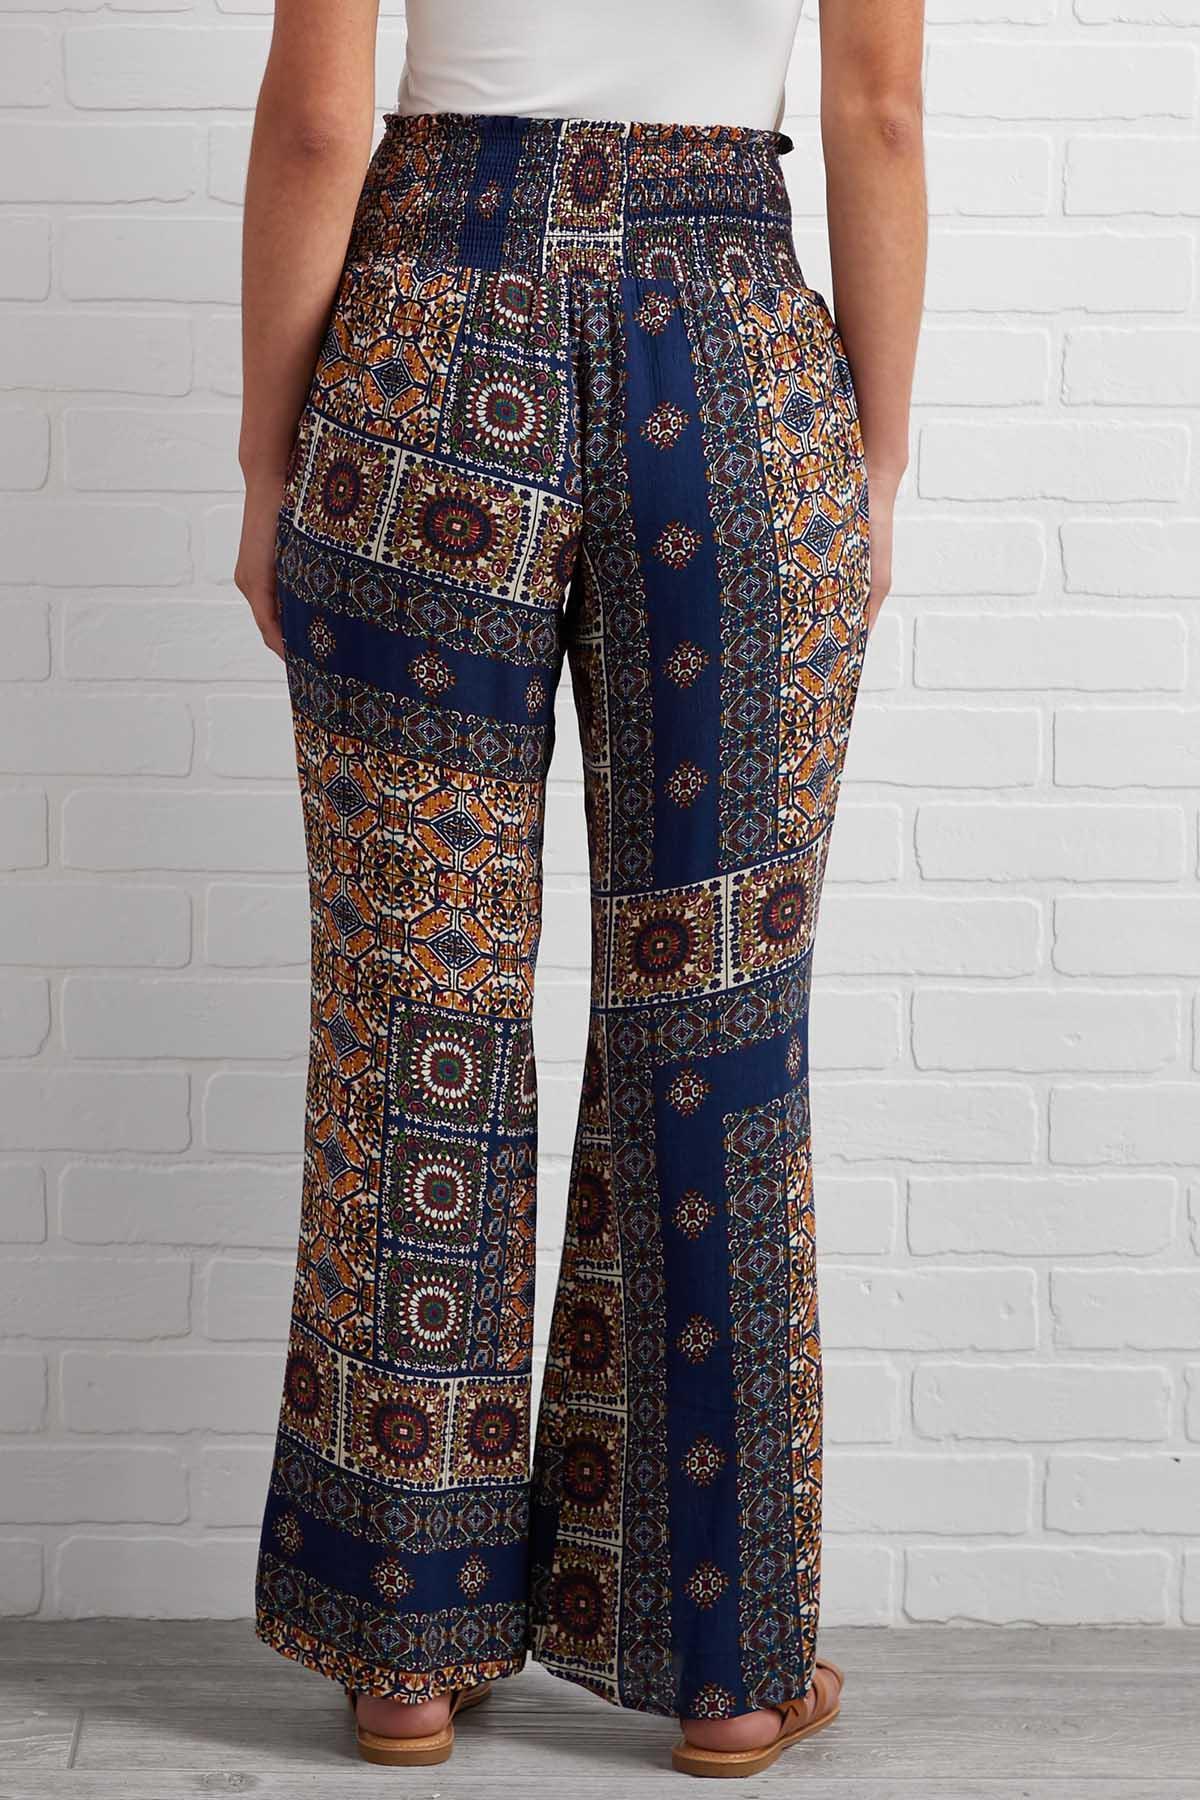 Desert Dreaming Pants